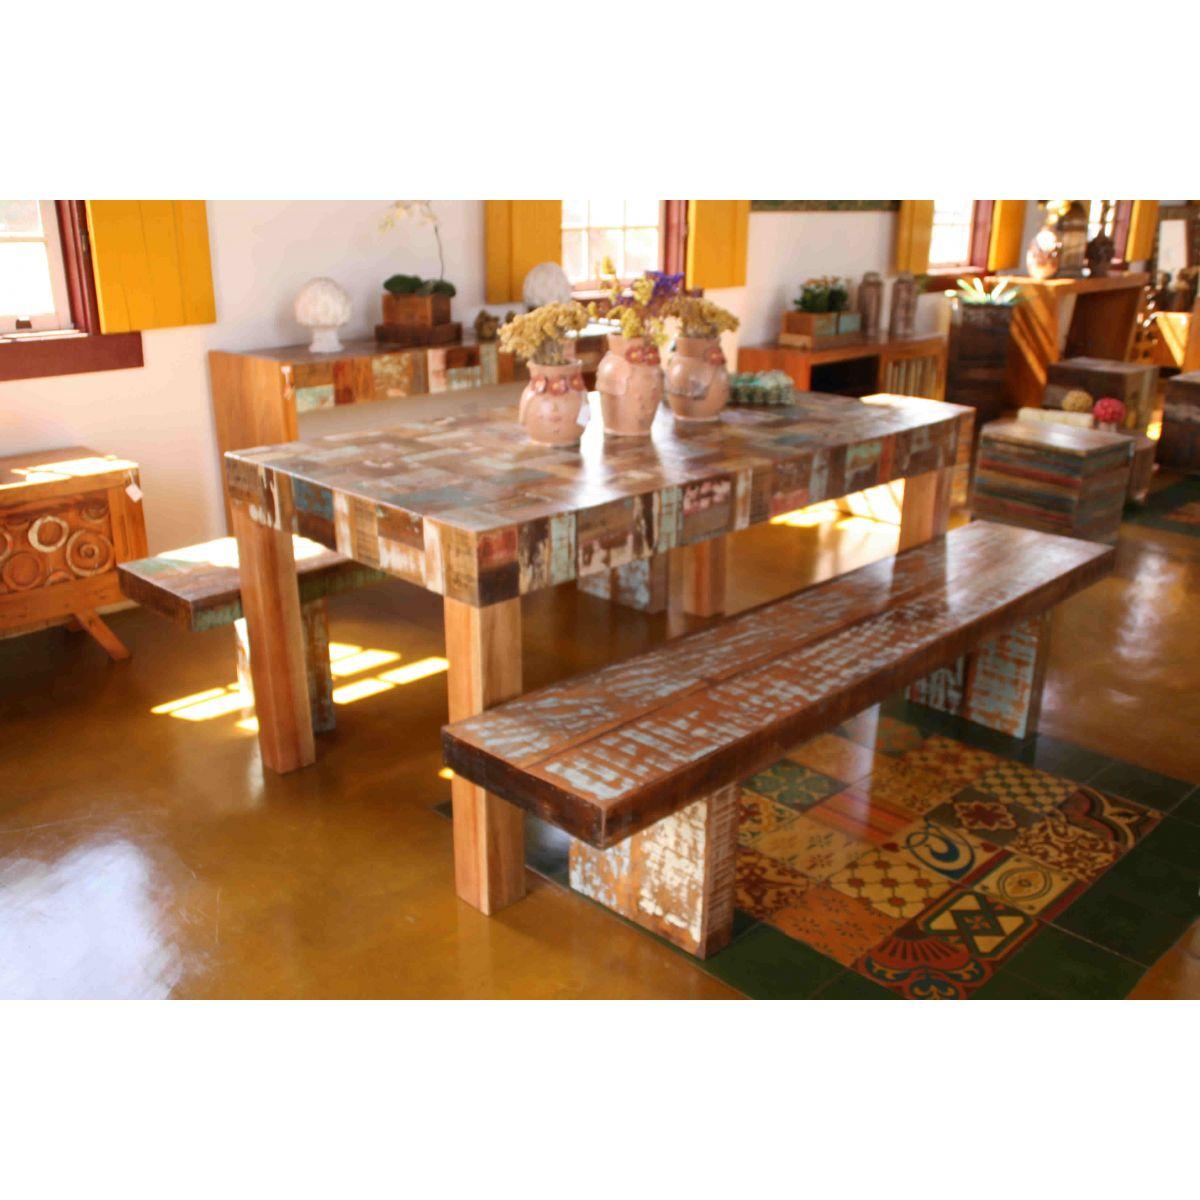 Mesa De Jantar Linha Retalho Em Madeira Rústica De Demolição Medindo 2,00x1,00x78